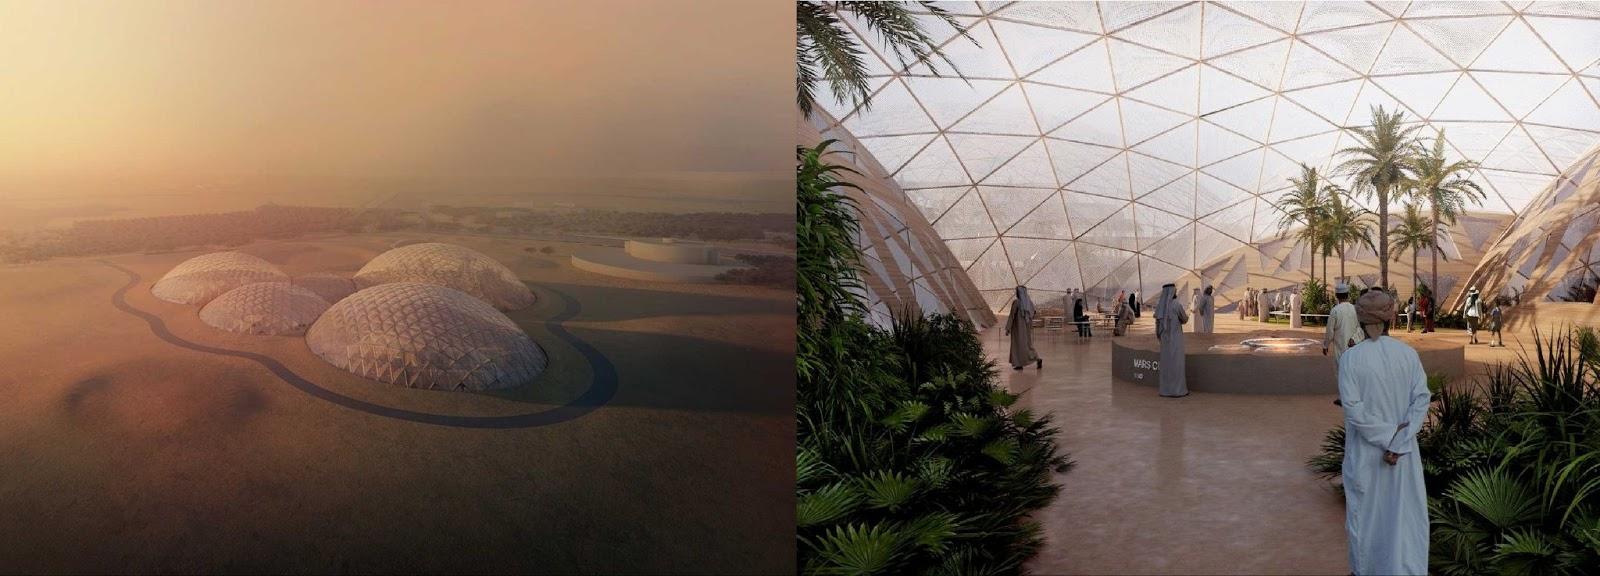 Визуализация концепции Mars Science City